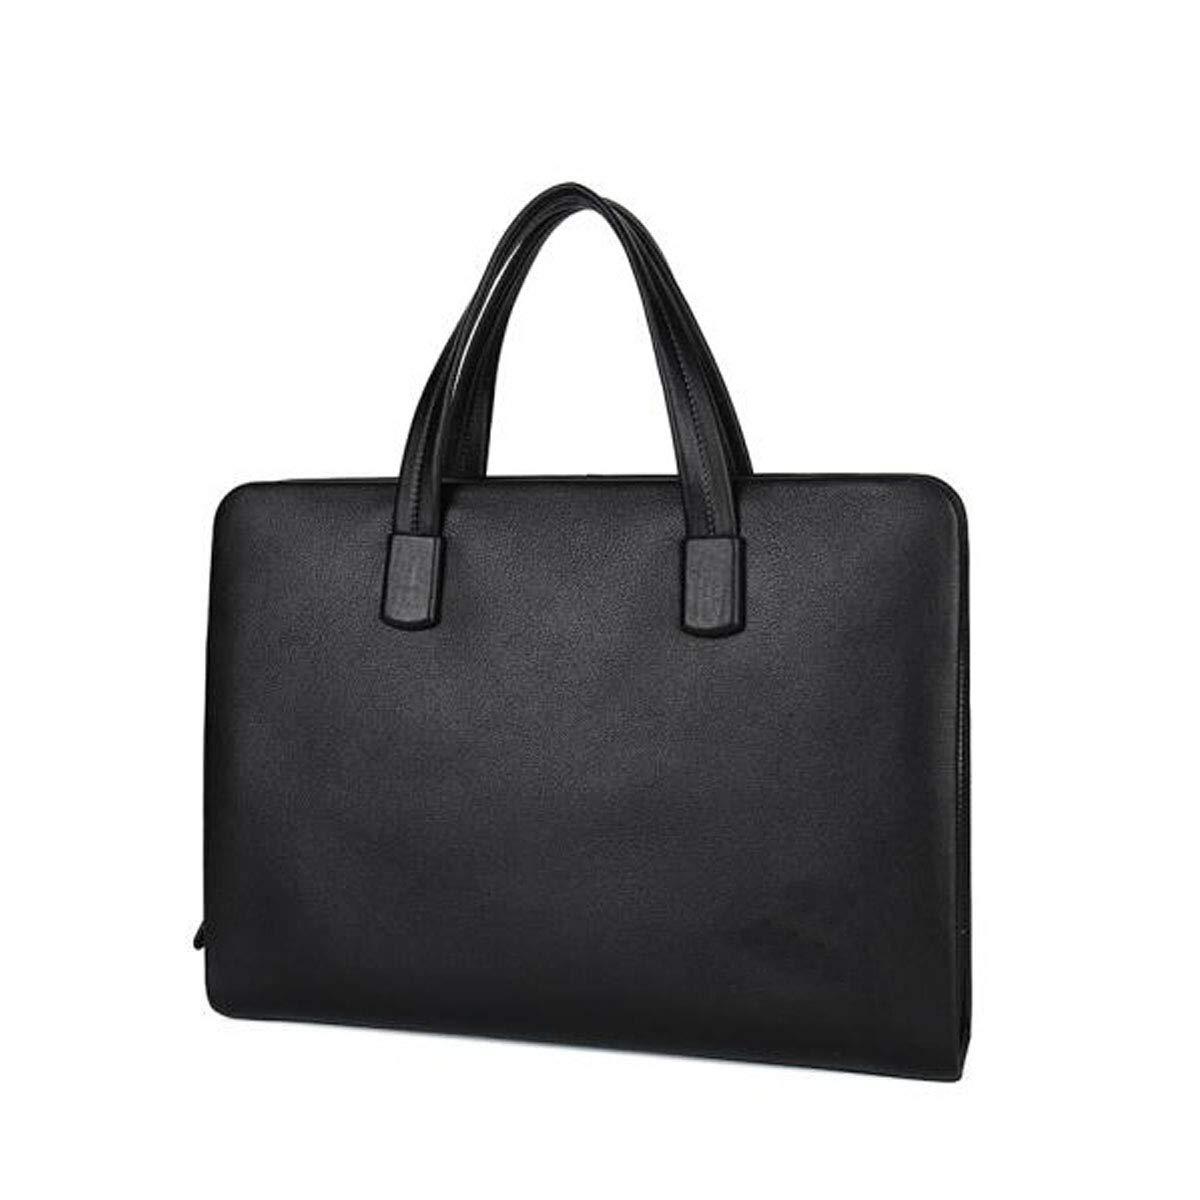 ブリーフケース、ビジネスメッセンジャーバッグ、多機能トップハンドバッグ、大容量コンピュータバッグ、ブラックサイズ:36.5 * 7 * 27.5cm B07RBKZSCS ブラック